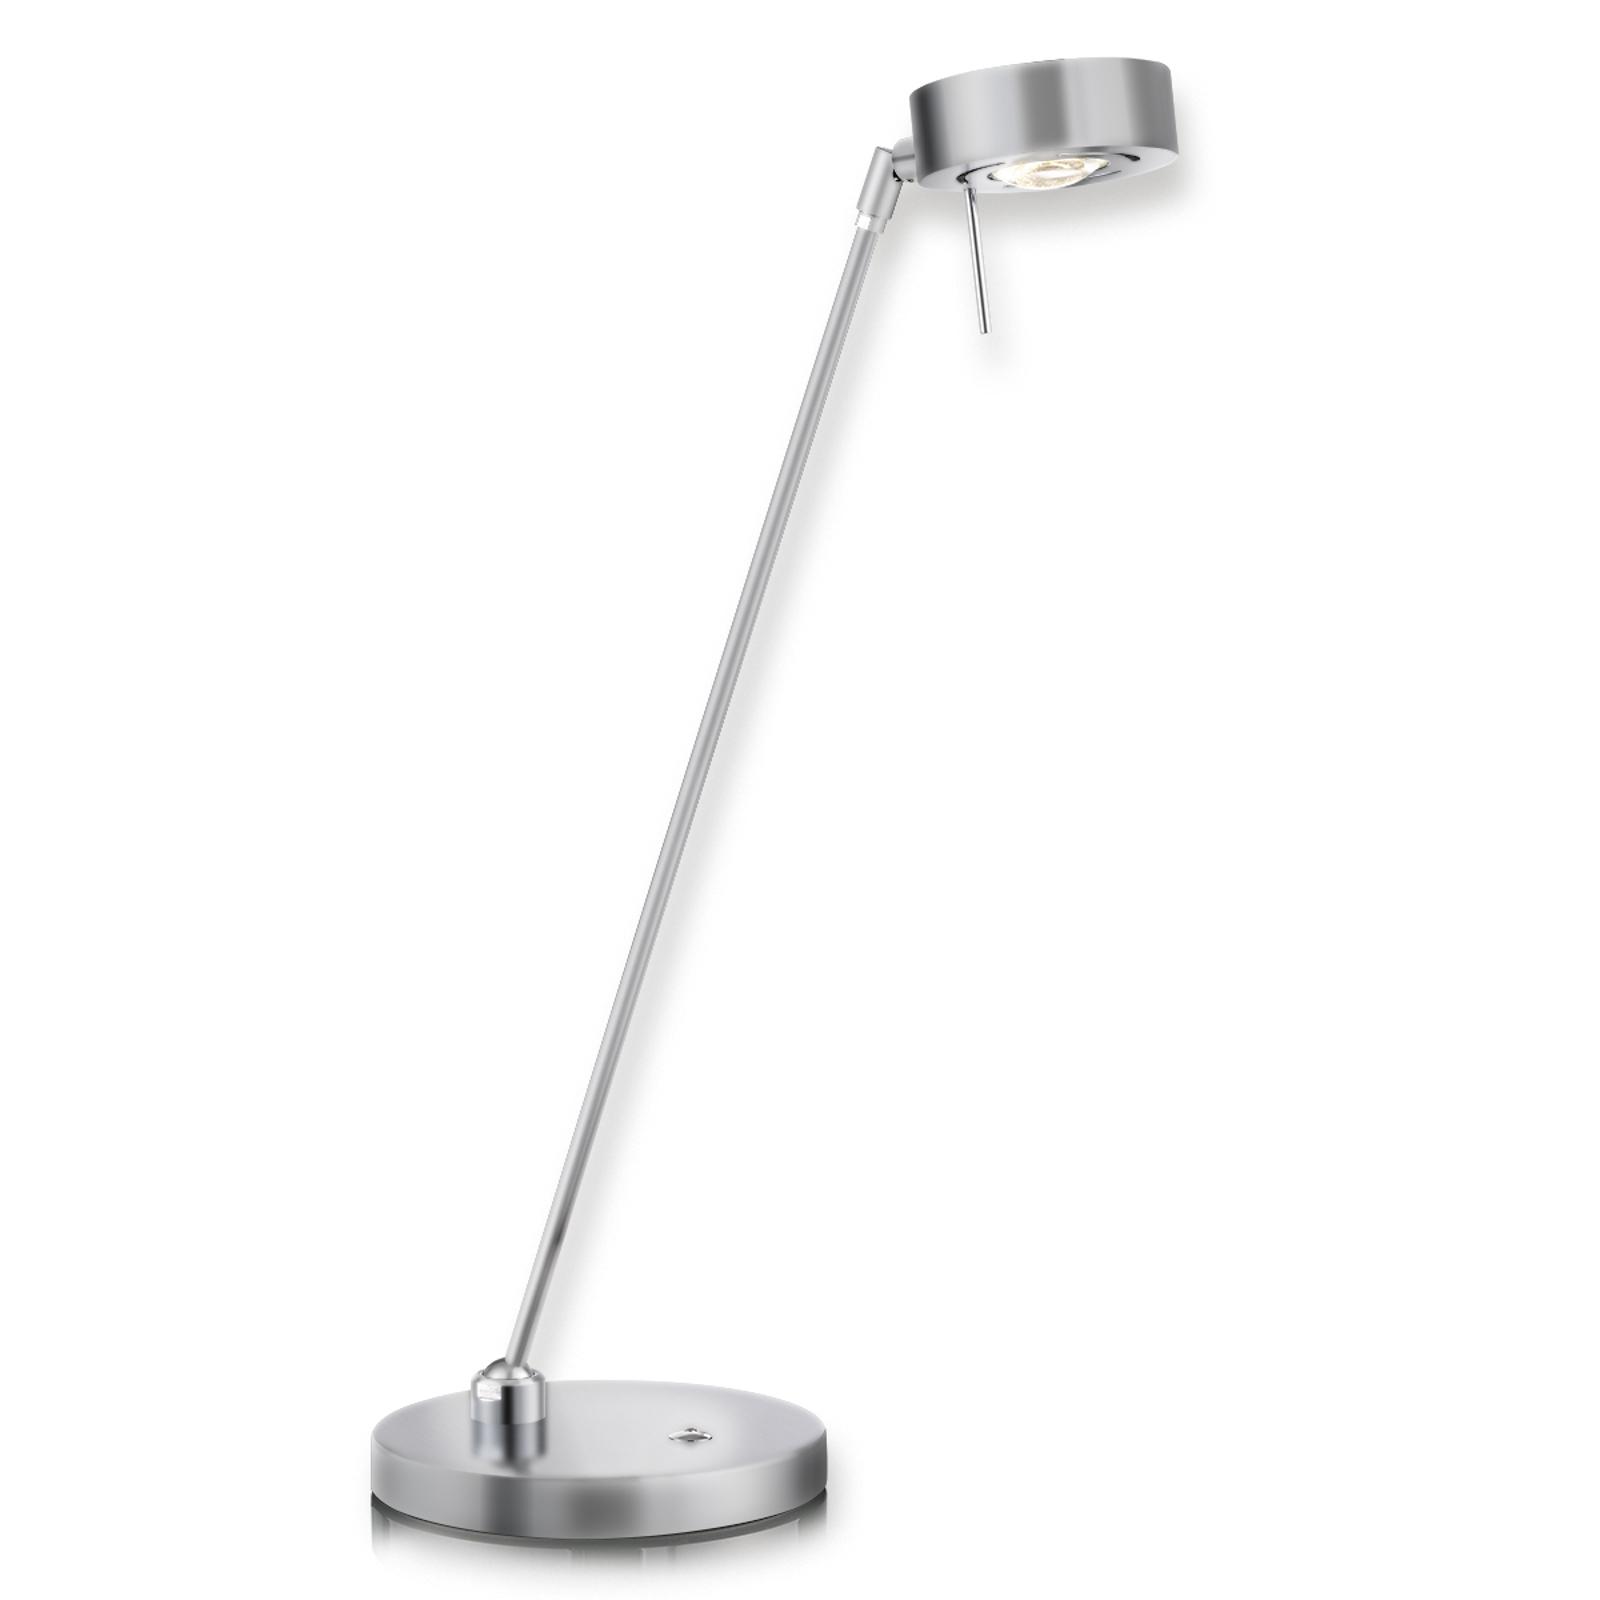 Dvojkĺbová stolná LED lampa Elegance, nikel